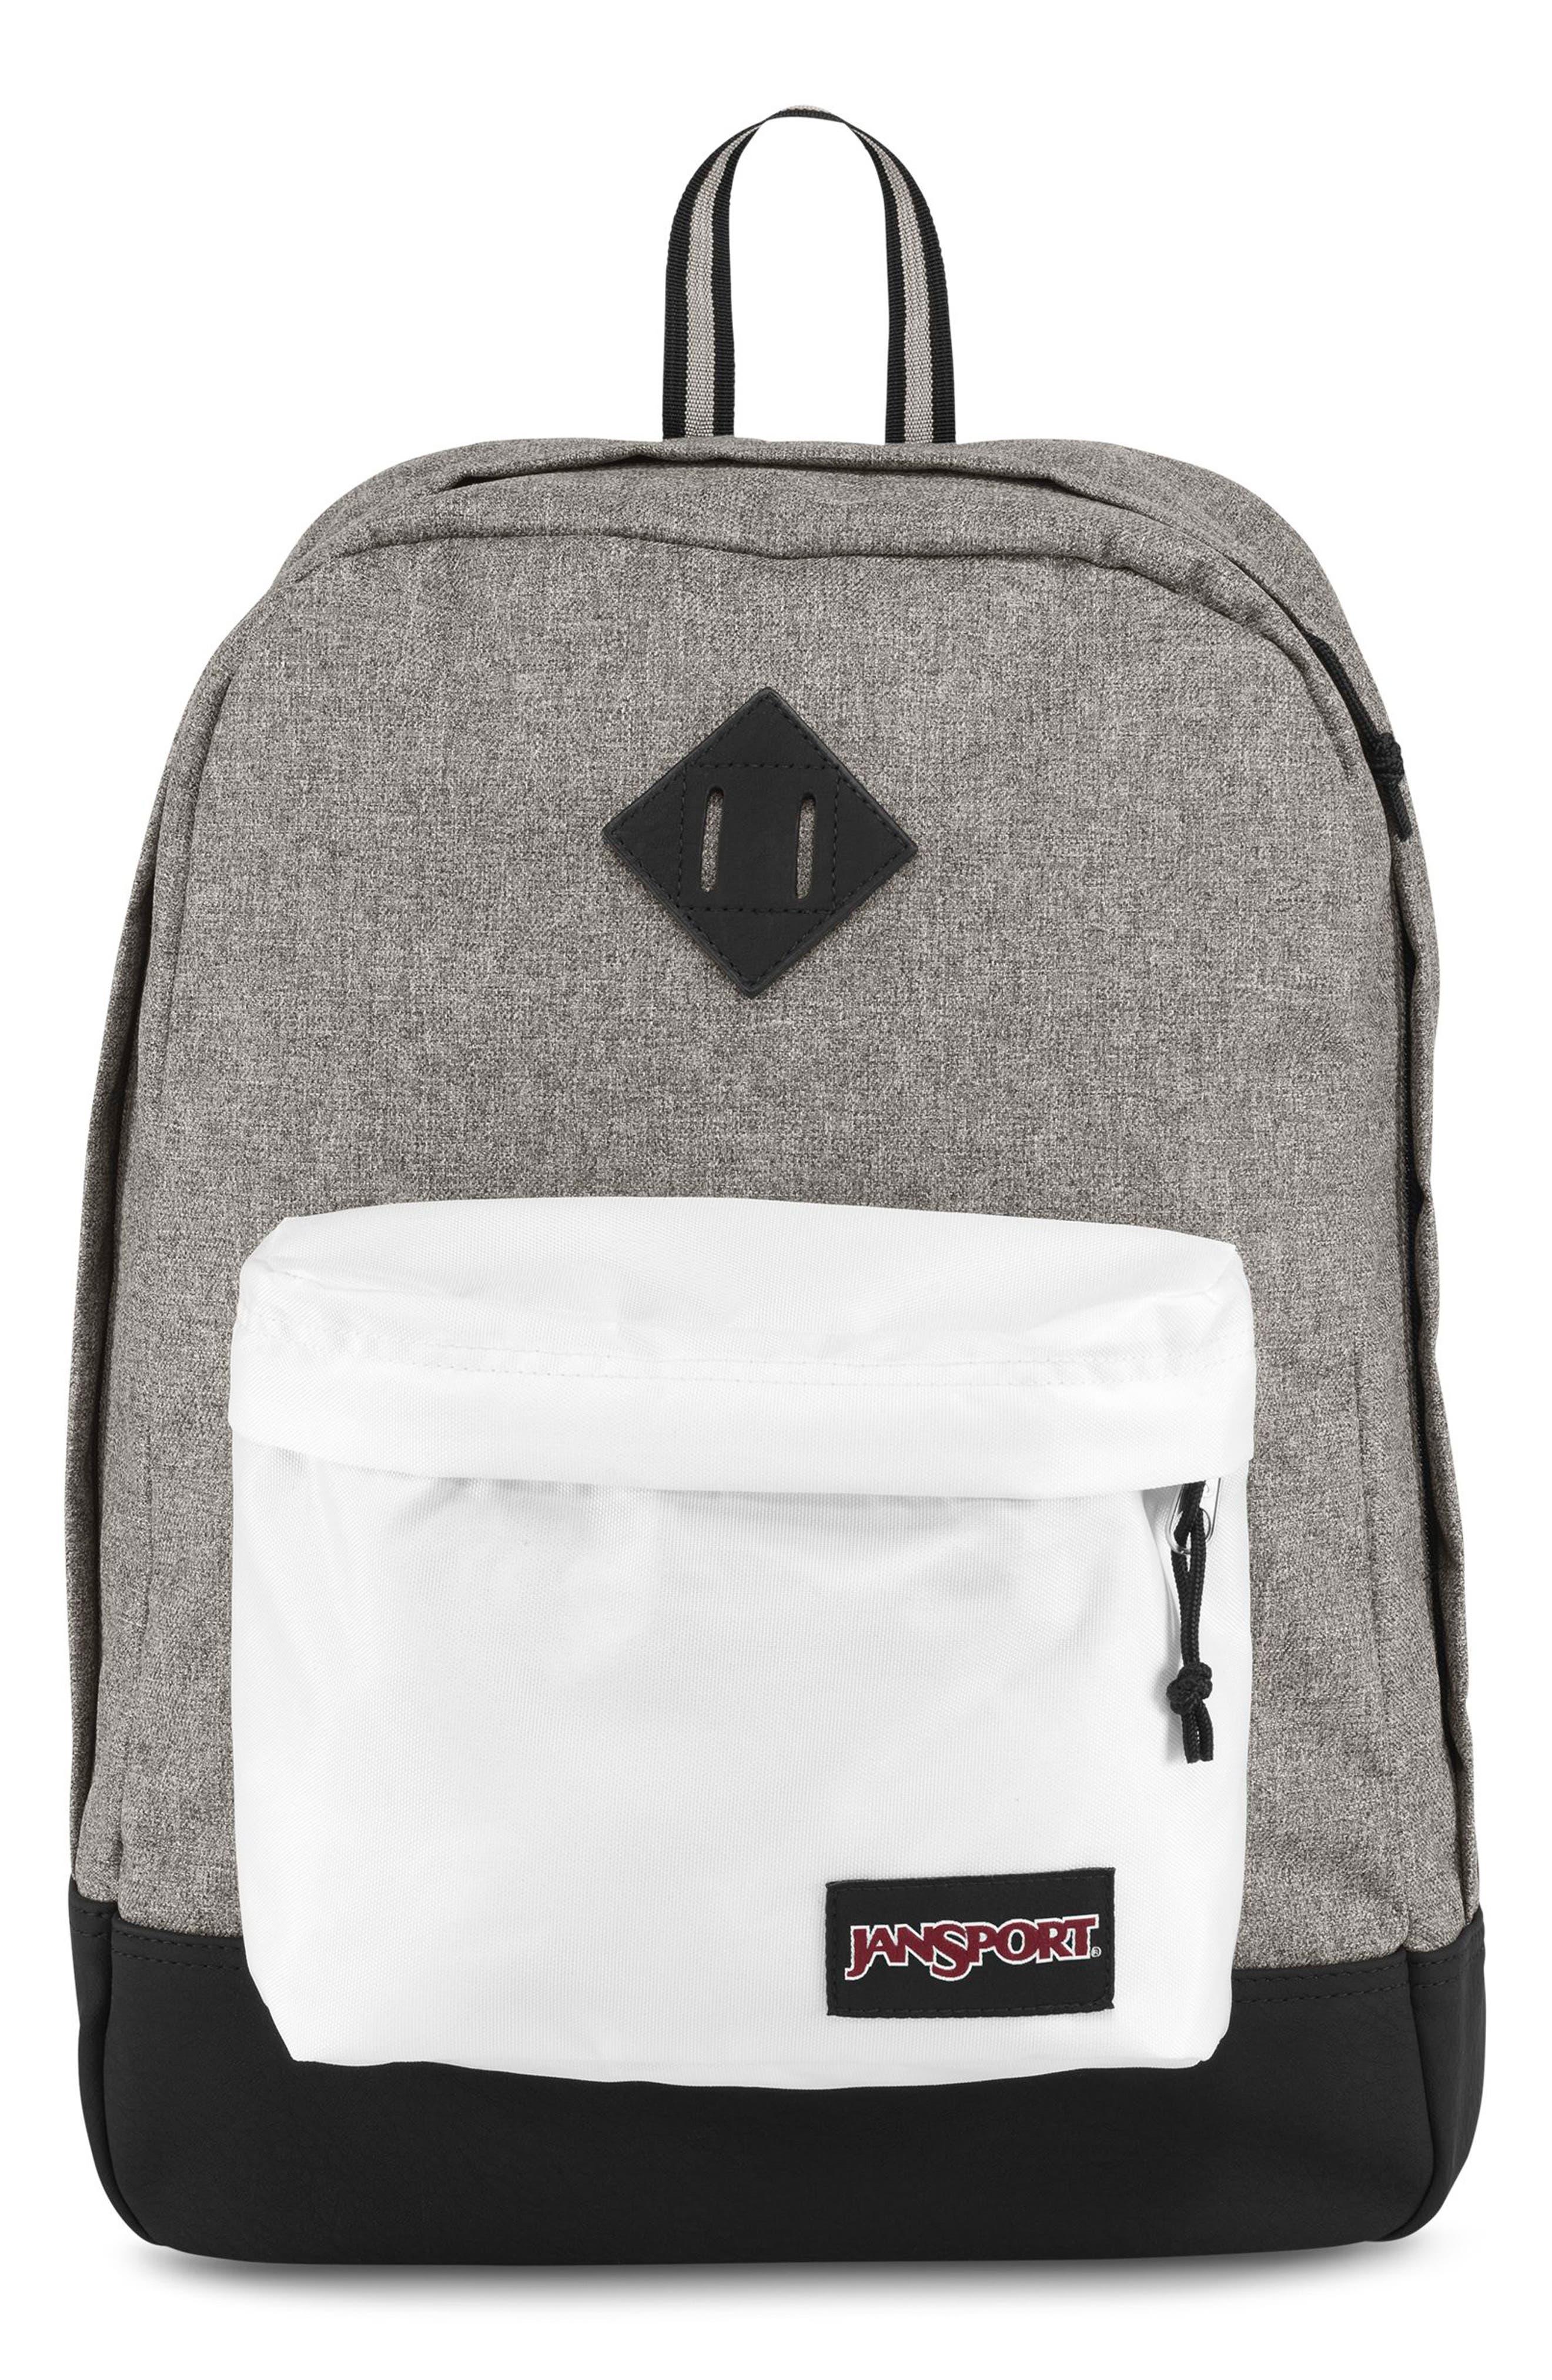 Alternate Image 1 Selected - Jansport Super FX DL Backpack